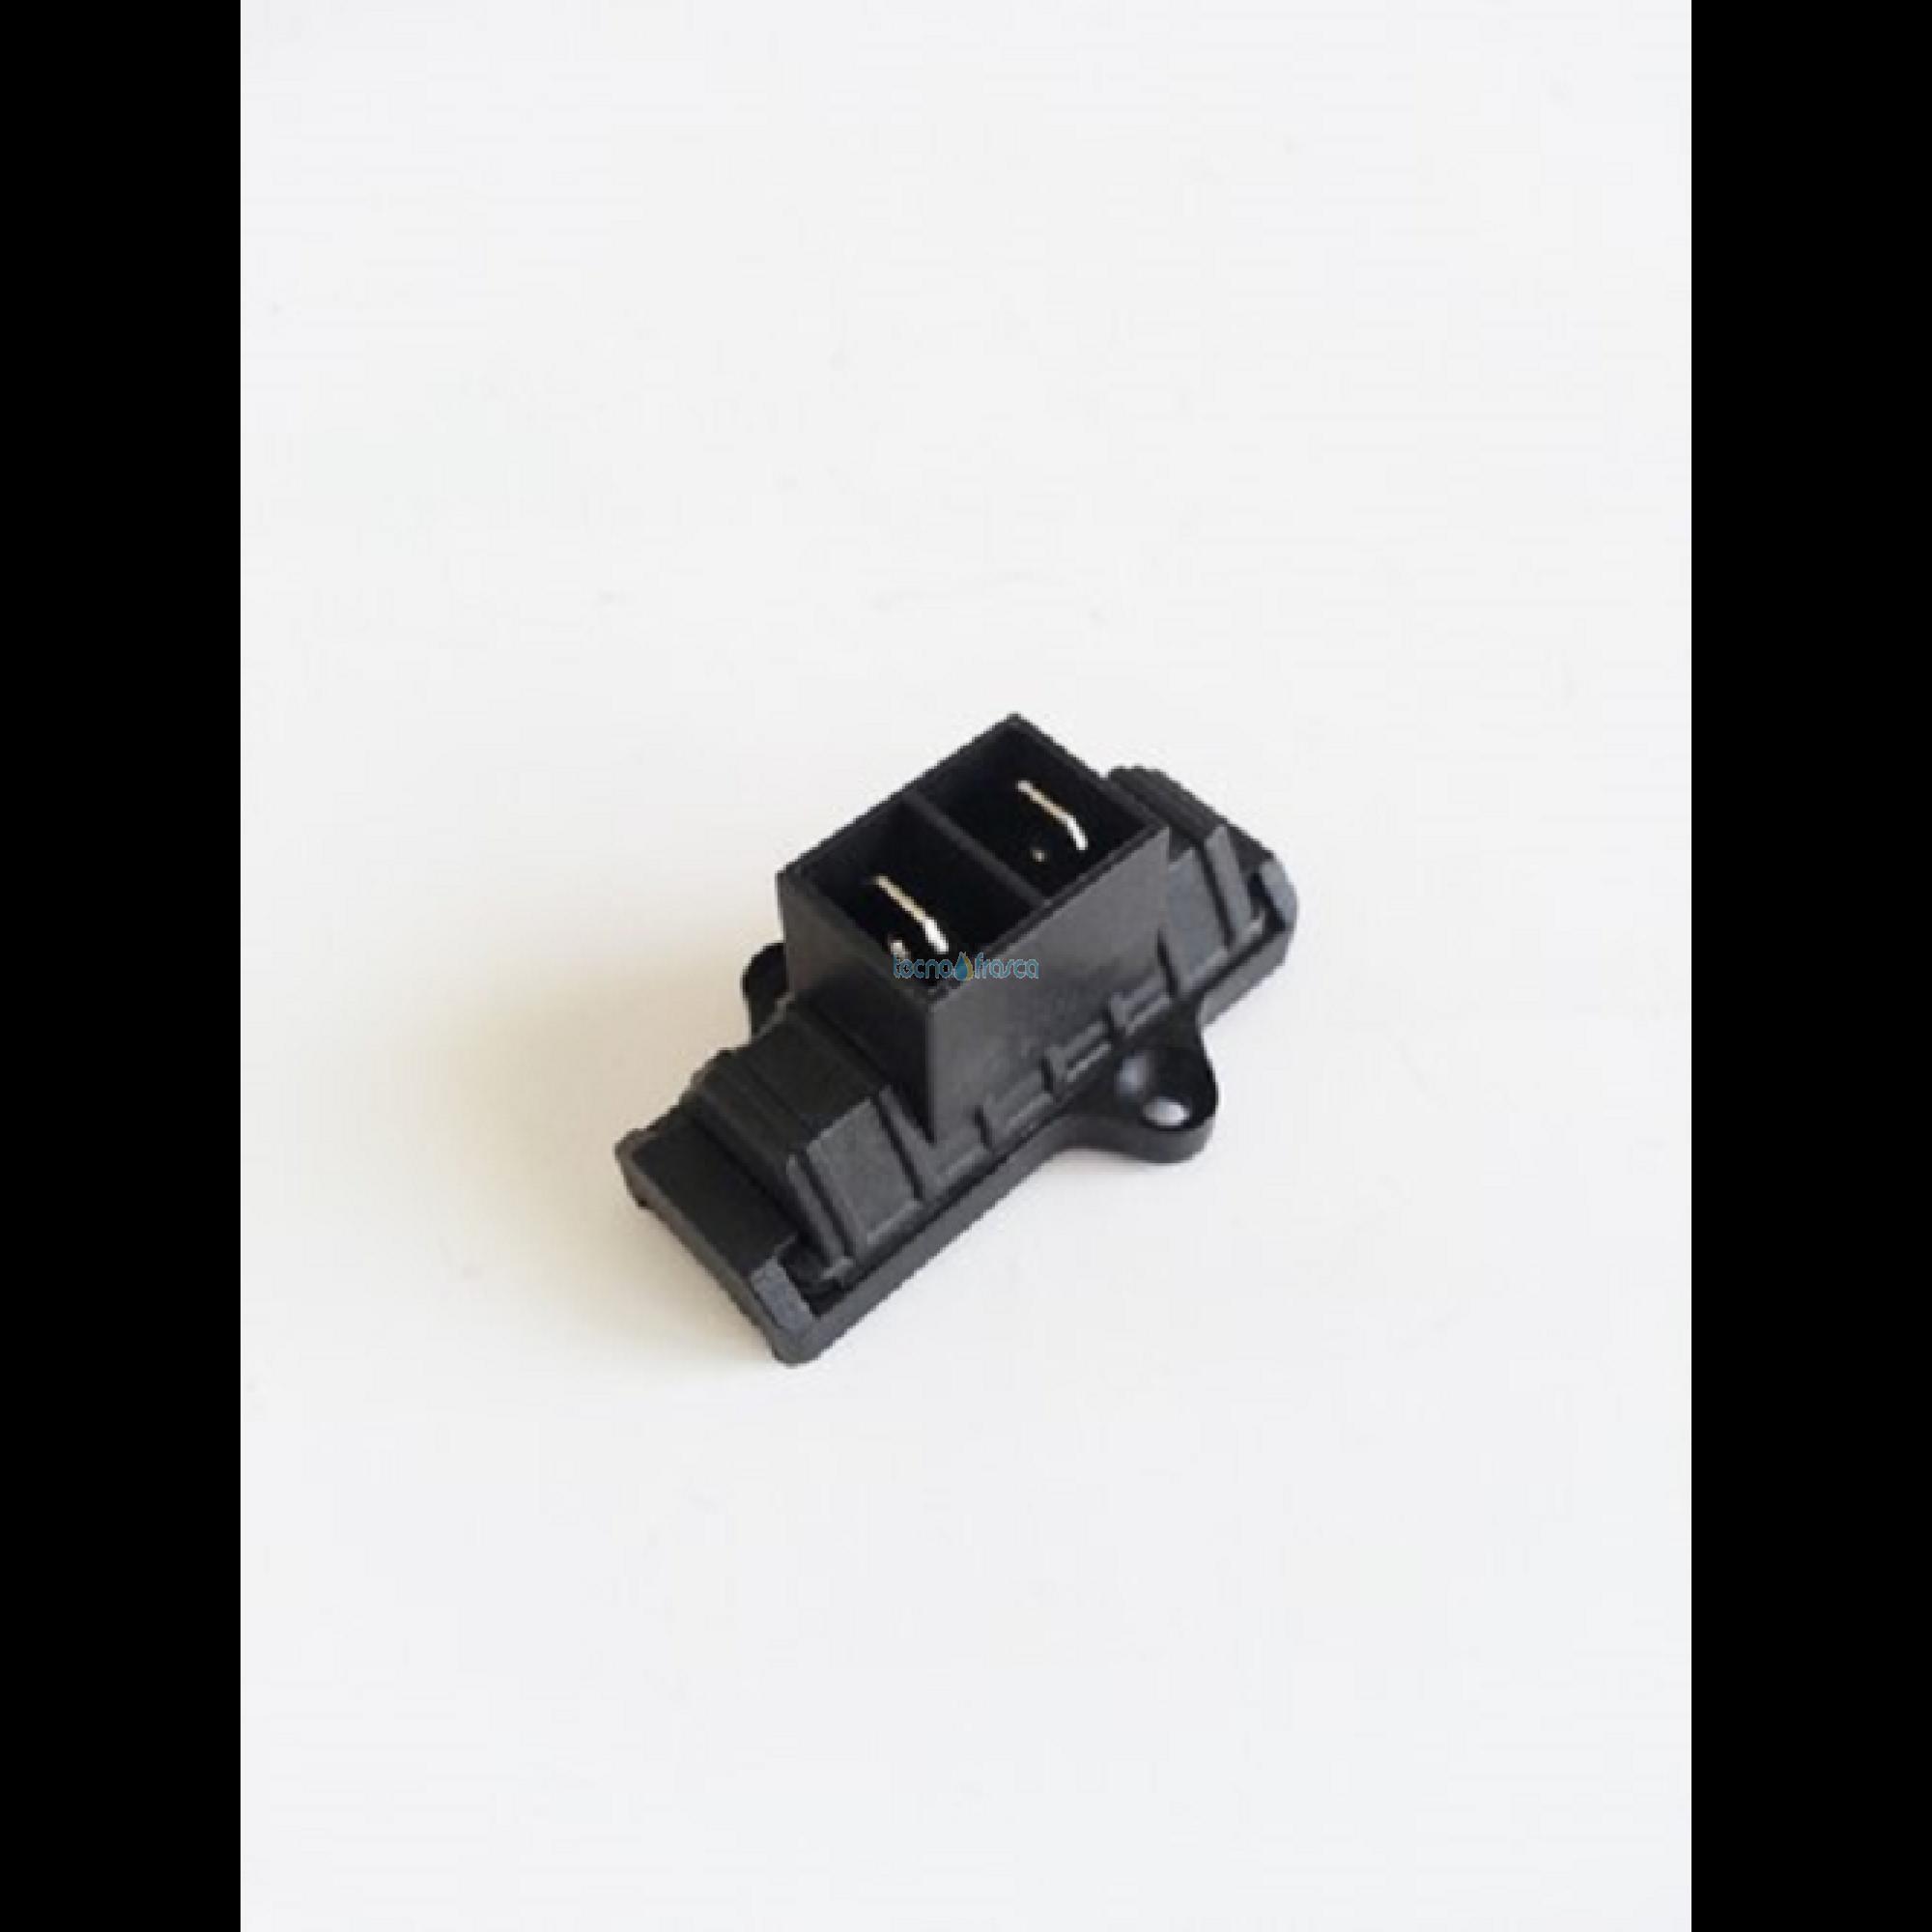 Bongioanni micro flussostato per gruppo sanitario ottone 007100169